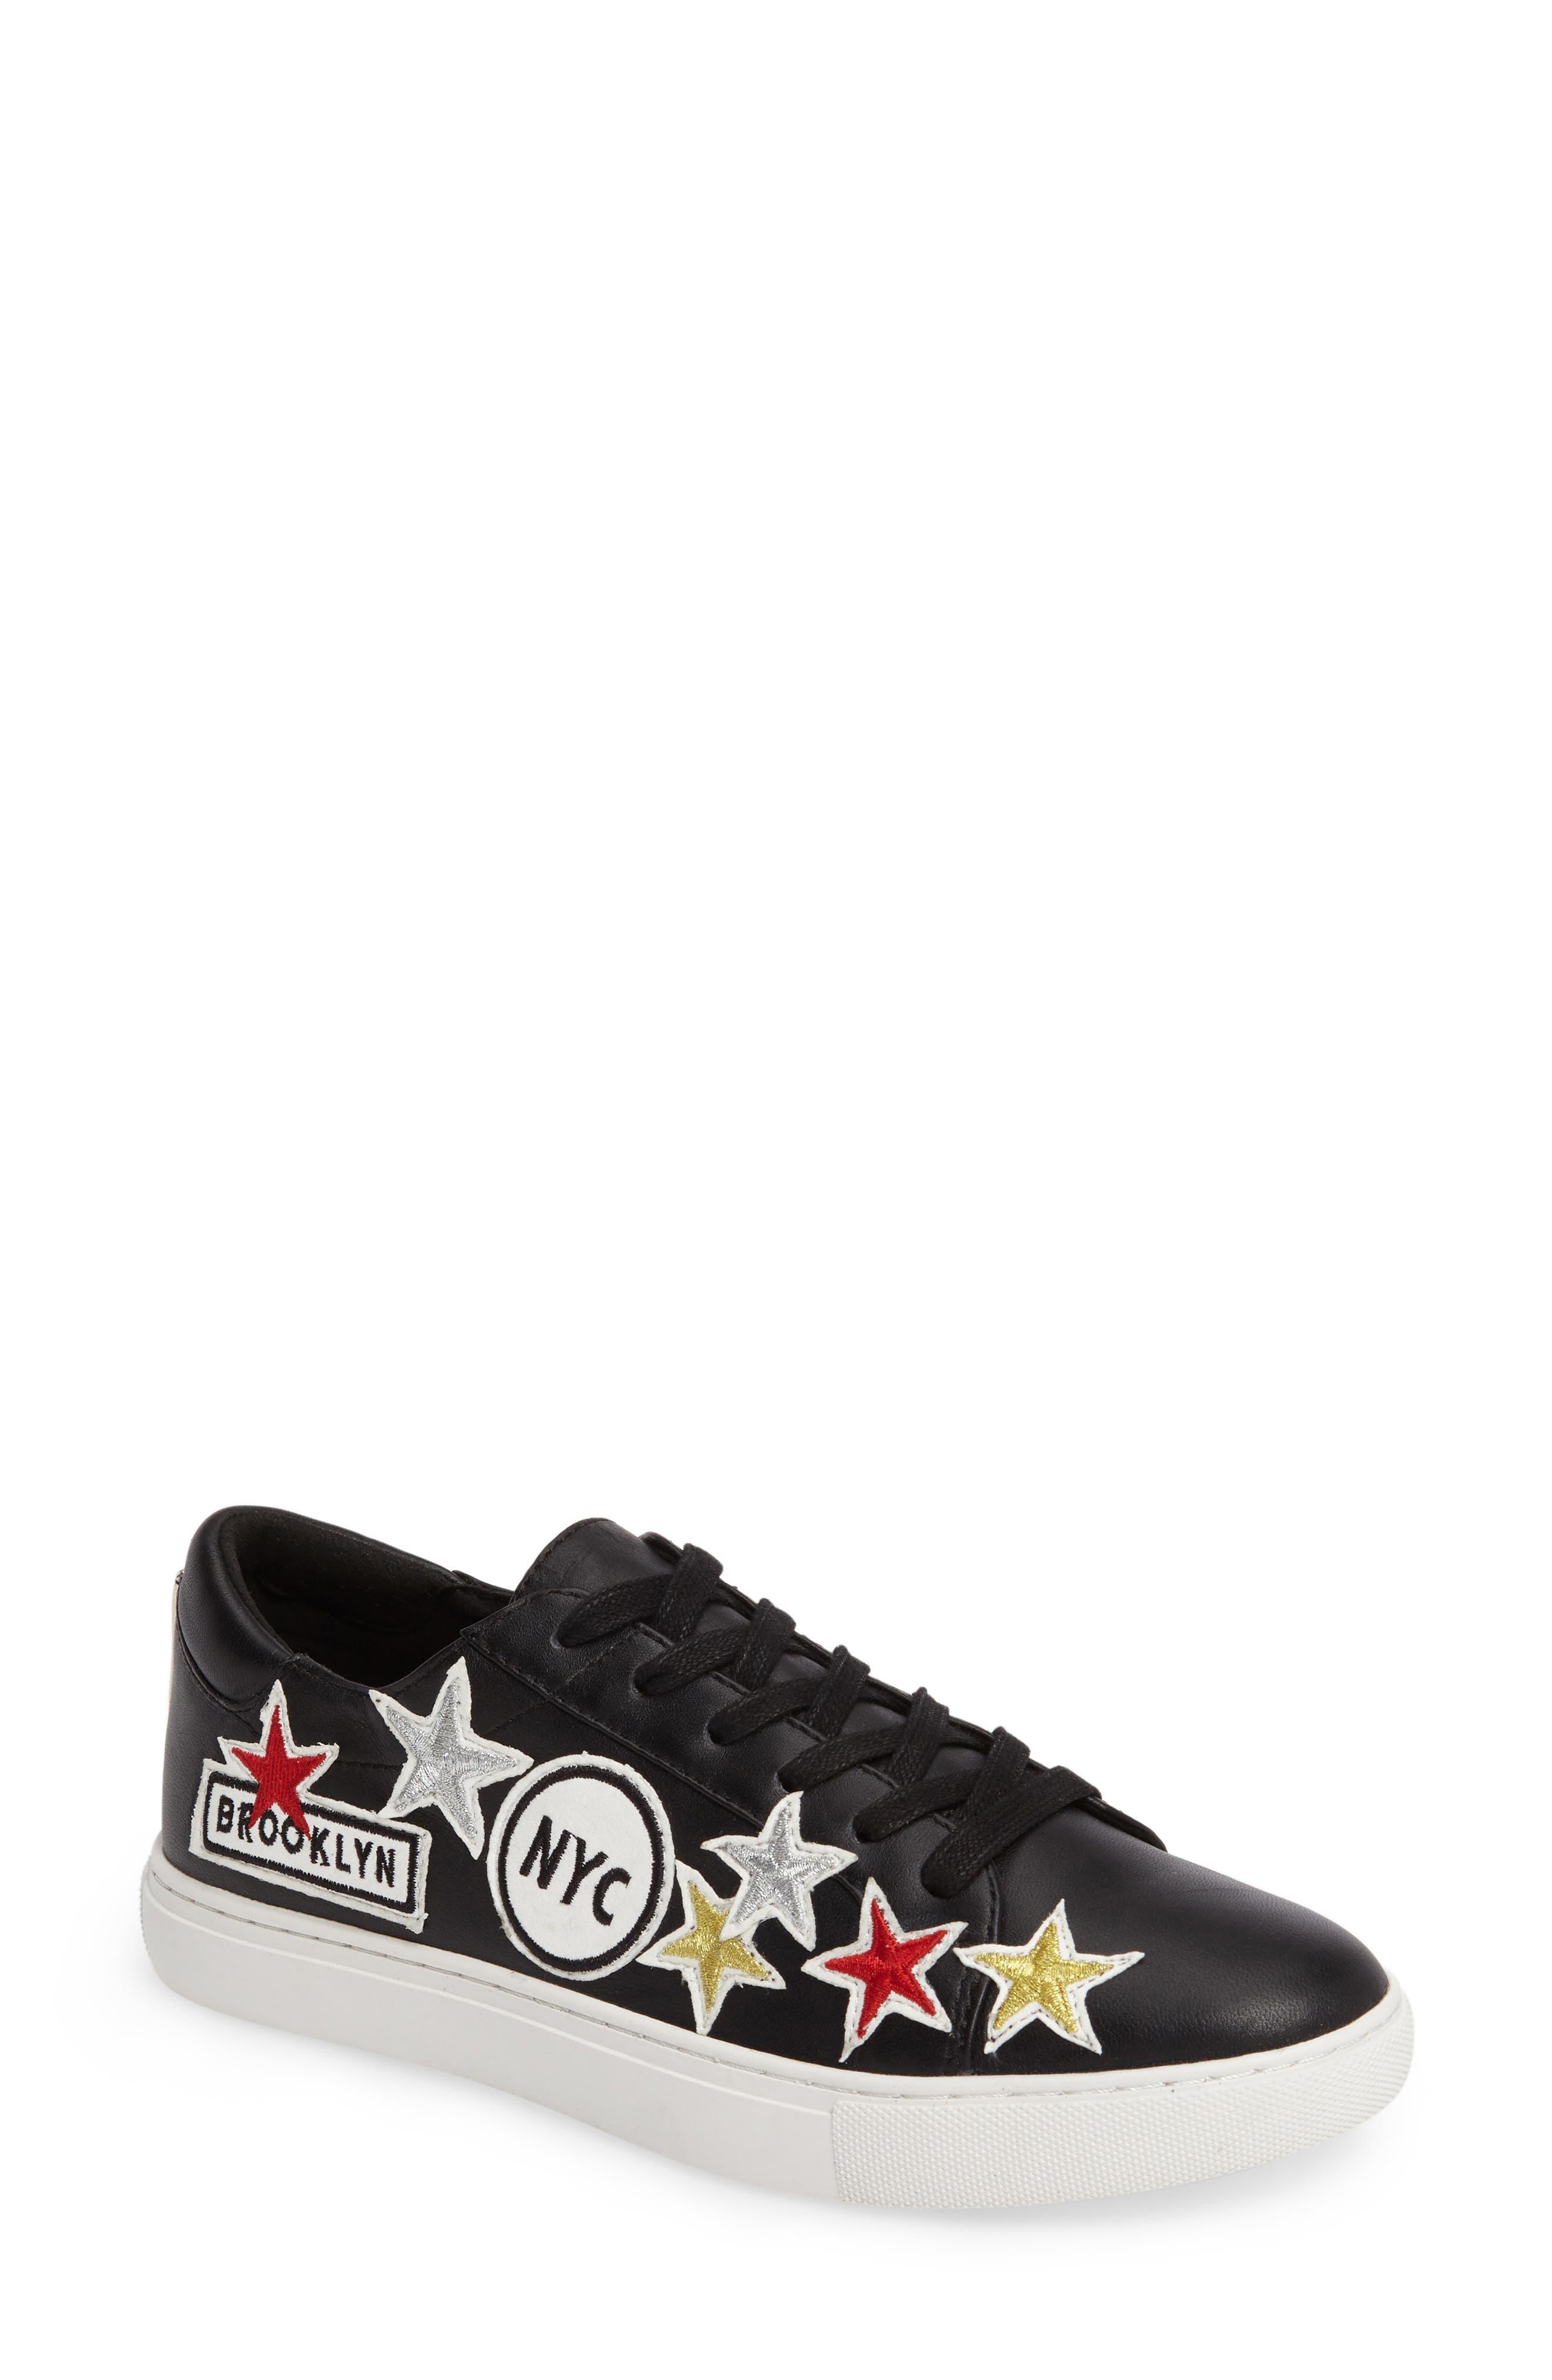 Kam NYC Sneaker,                         Main,                         color, 001